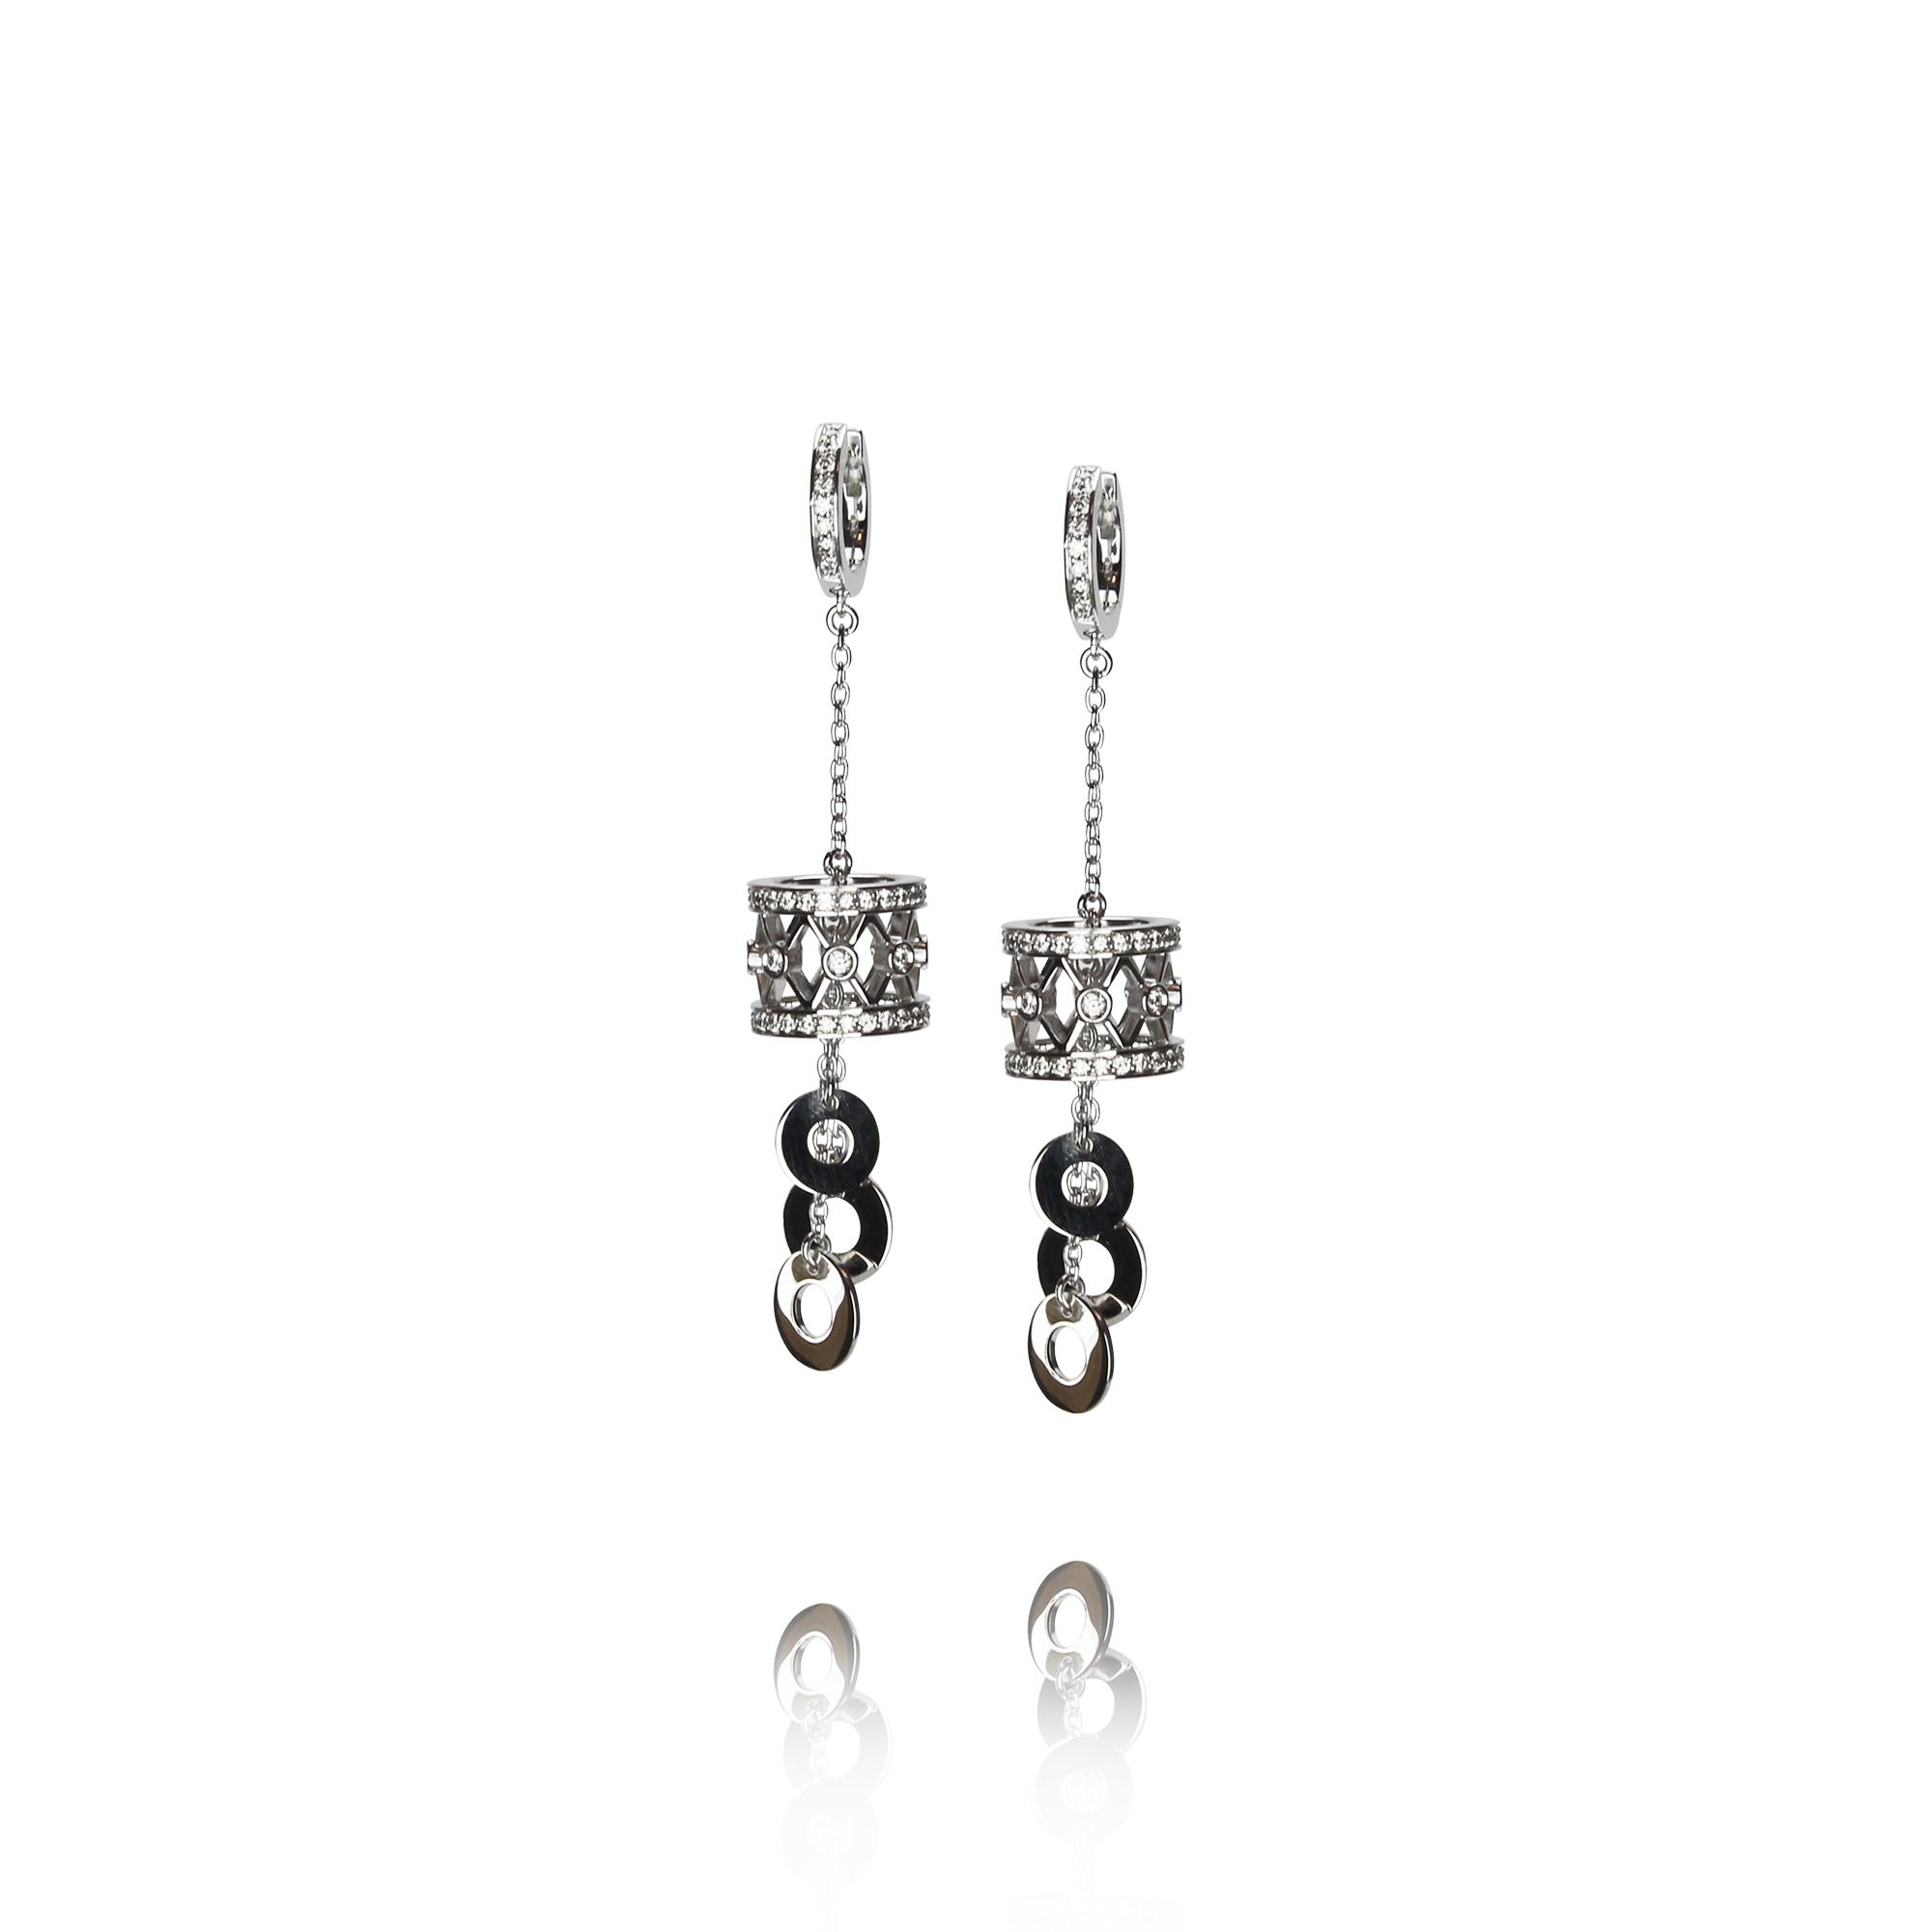 orecchini tamburino in oro bianco 18 carati con diamanti